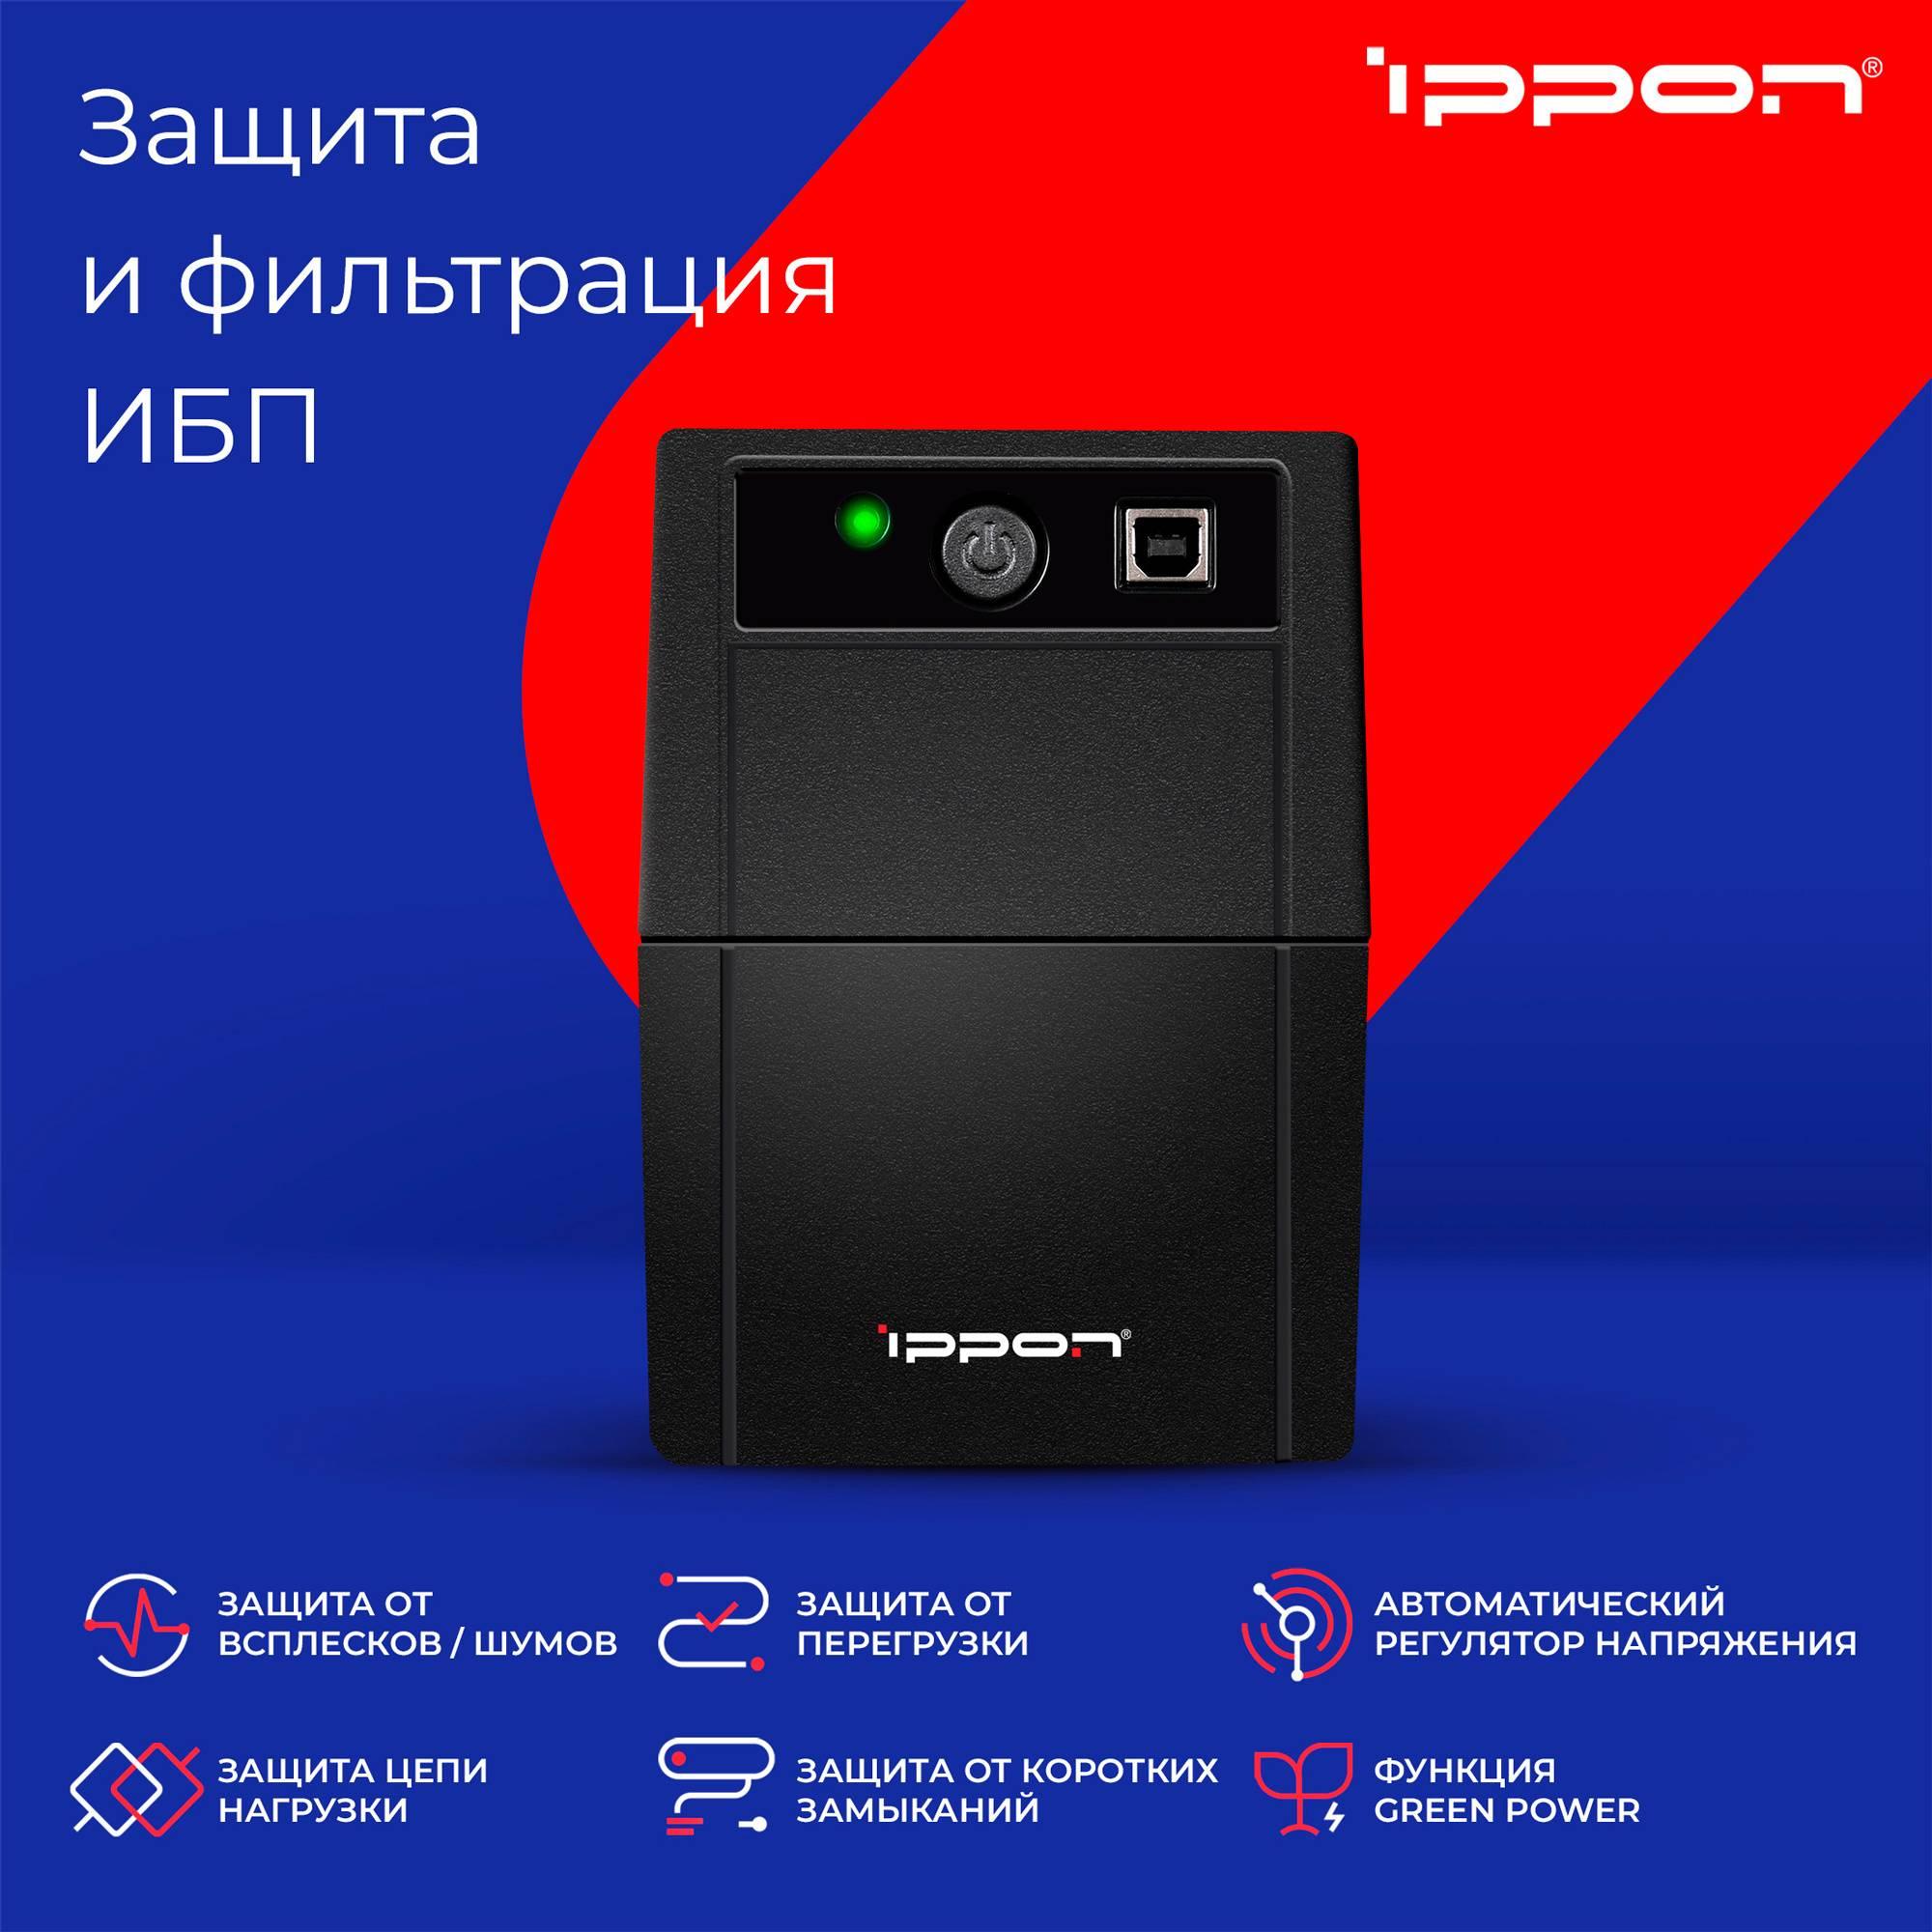 ИБП Ippon Back Basic 850 (403406) - фото 2